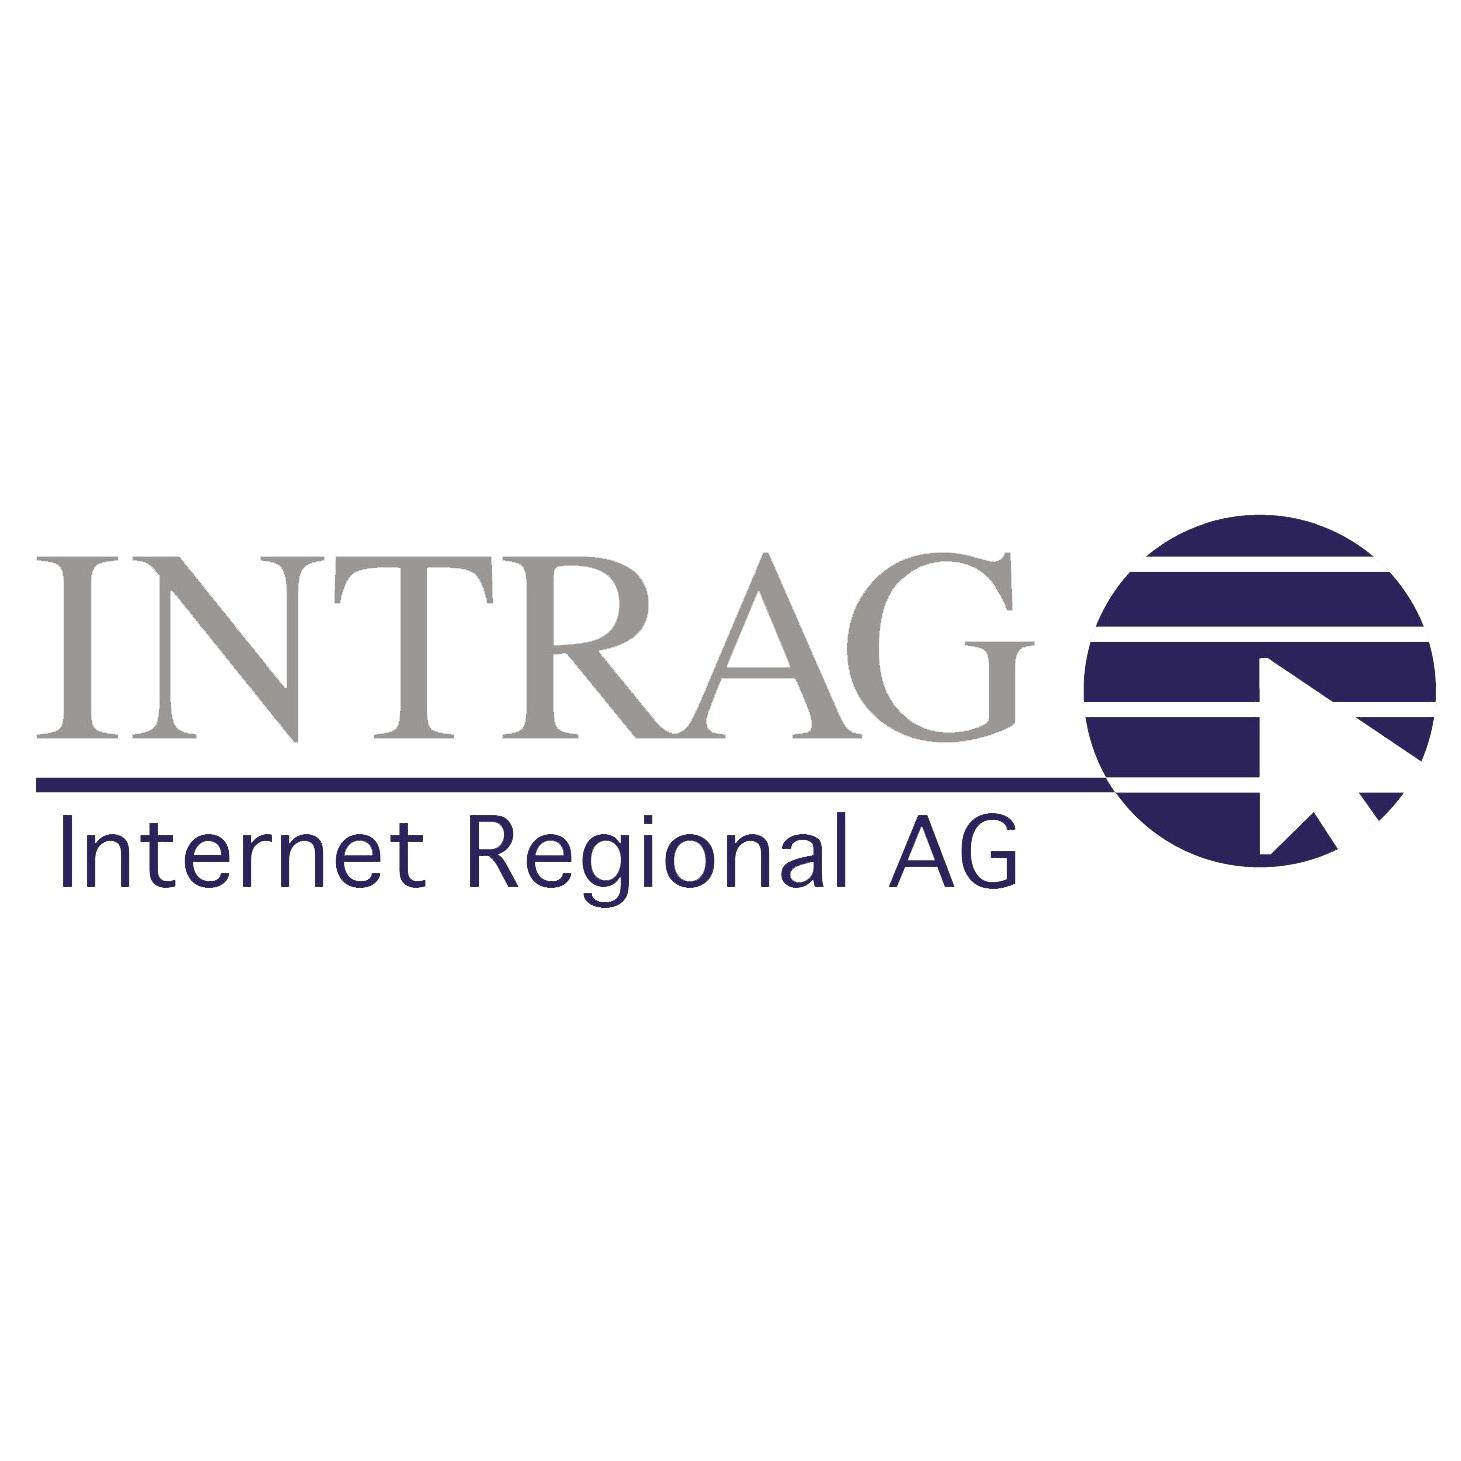 INTRAG Internet Regional AG